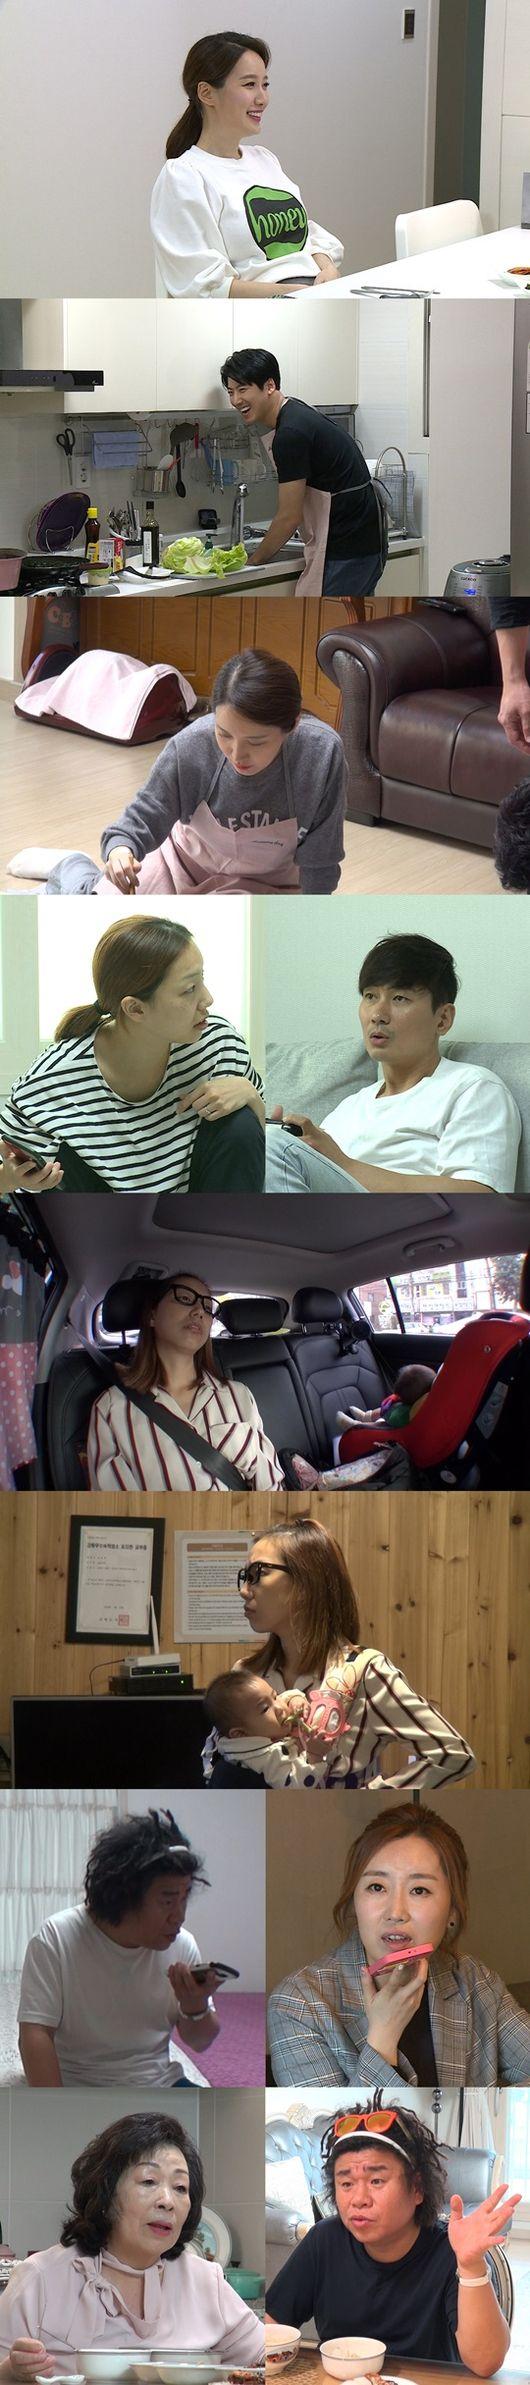 """'이나리' 新부부 이현승♥현상, 임신 사실 공개 """"배 많이 나왔다"""""""